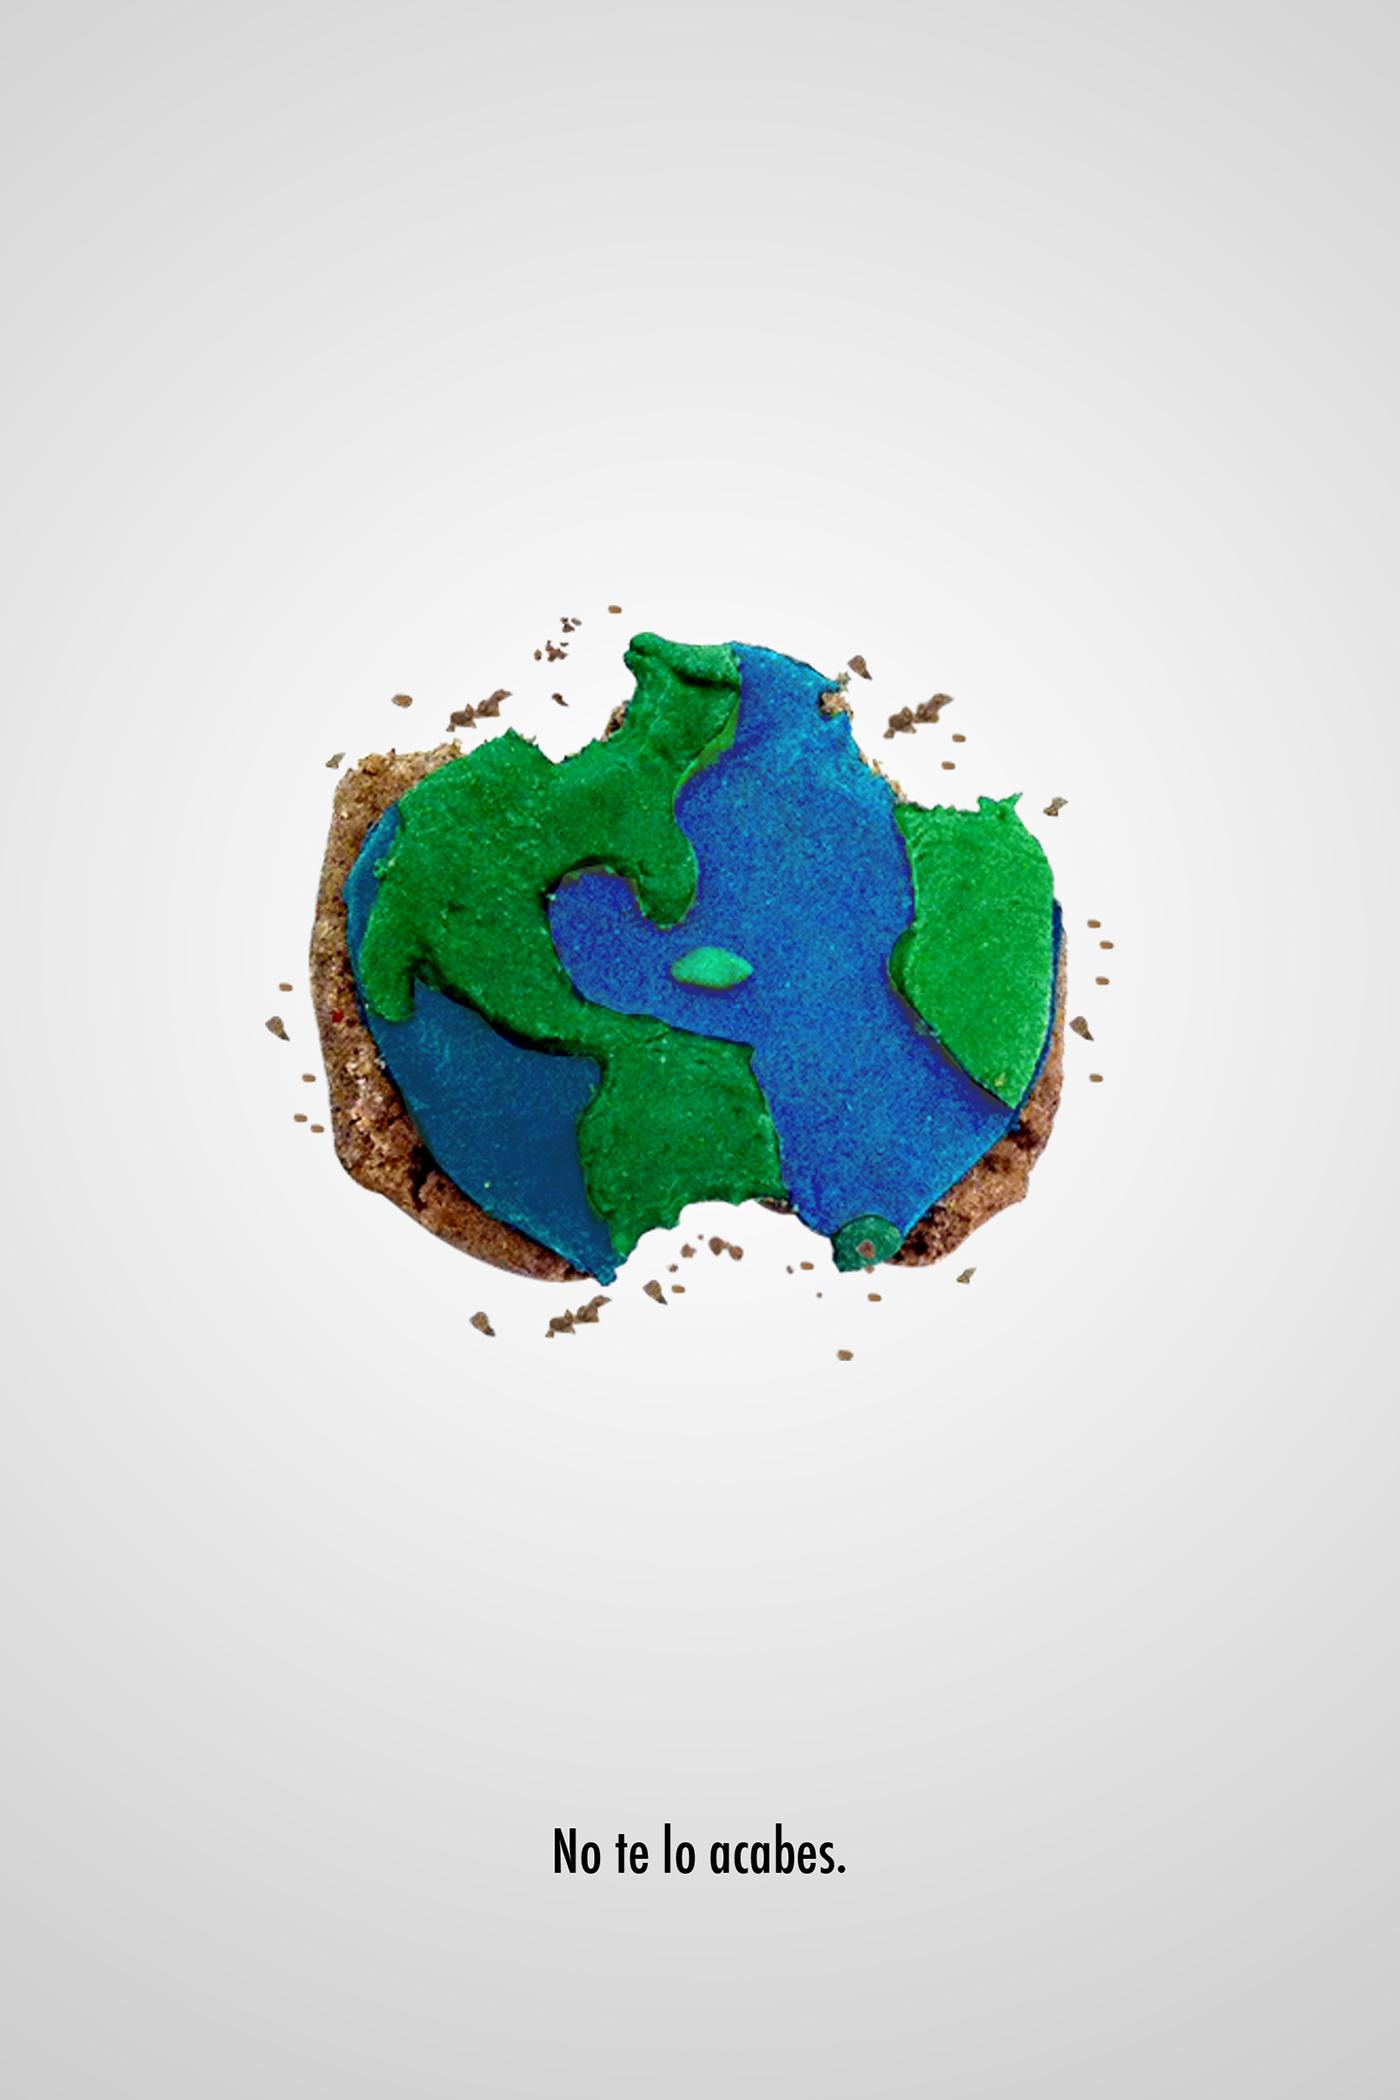 有創意感的12個愛護地球海報欣賞